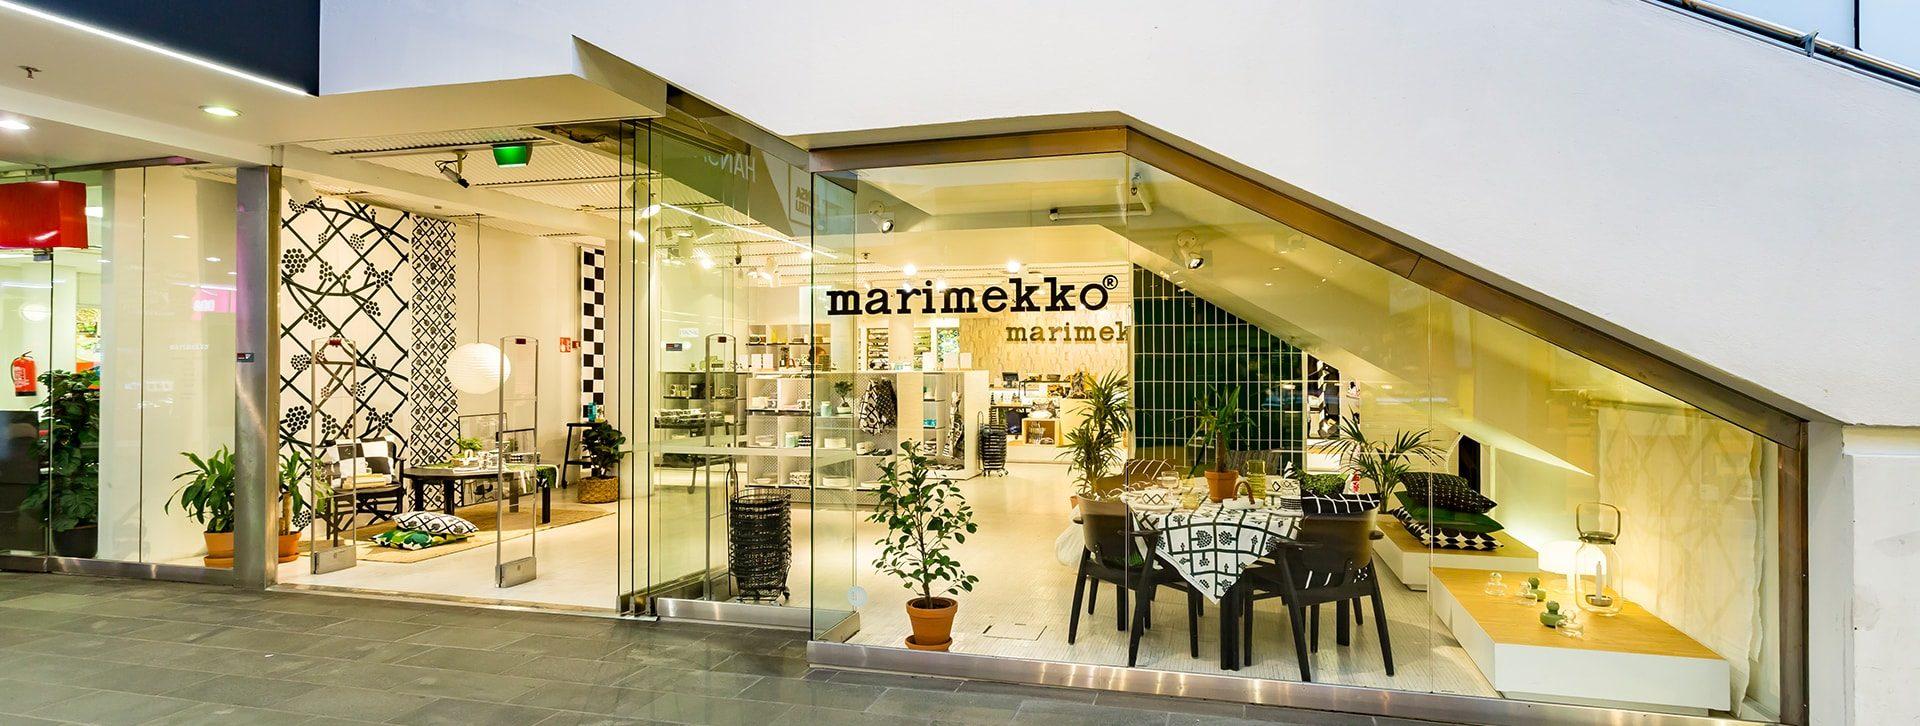 hansakortteli_marimekko